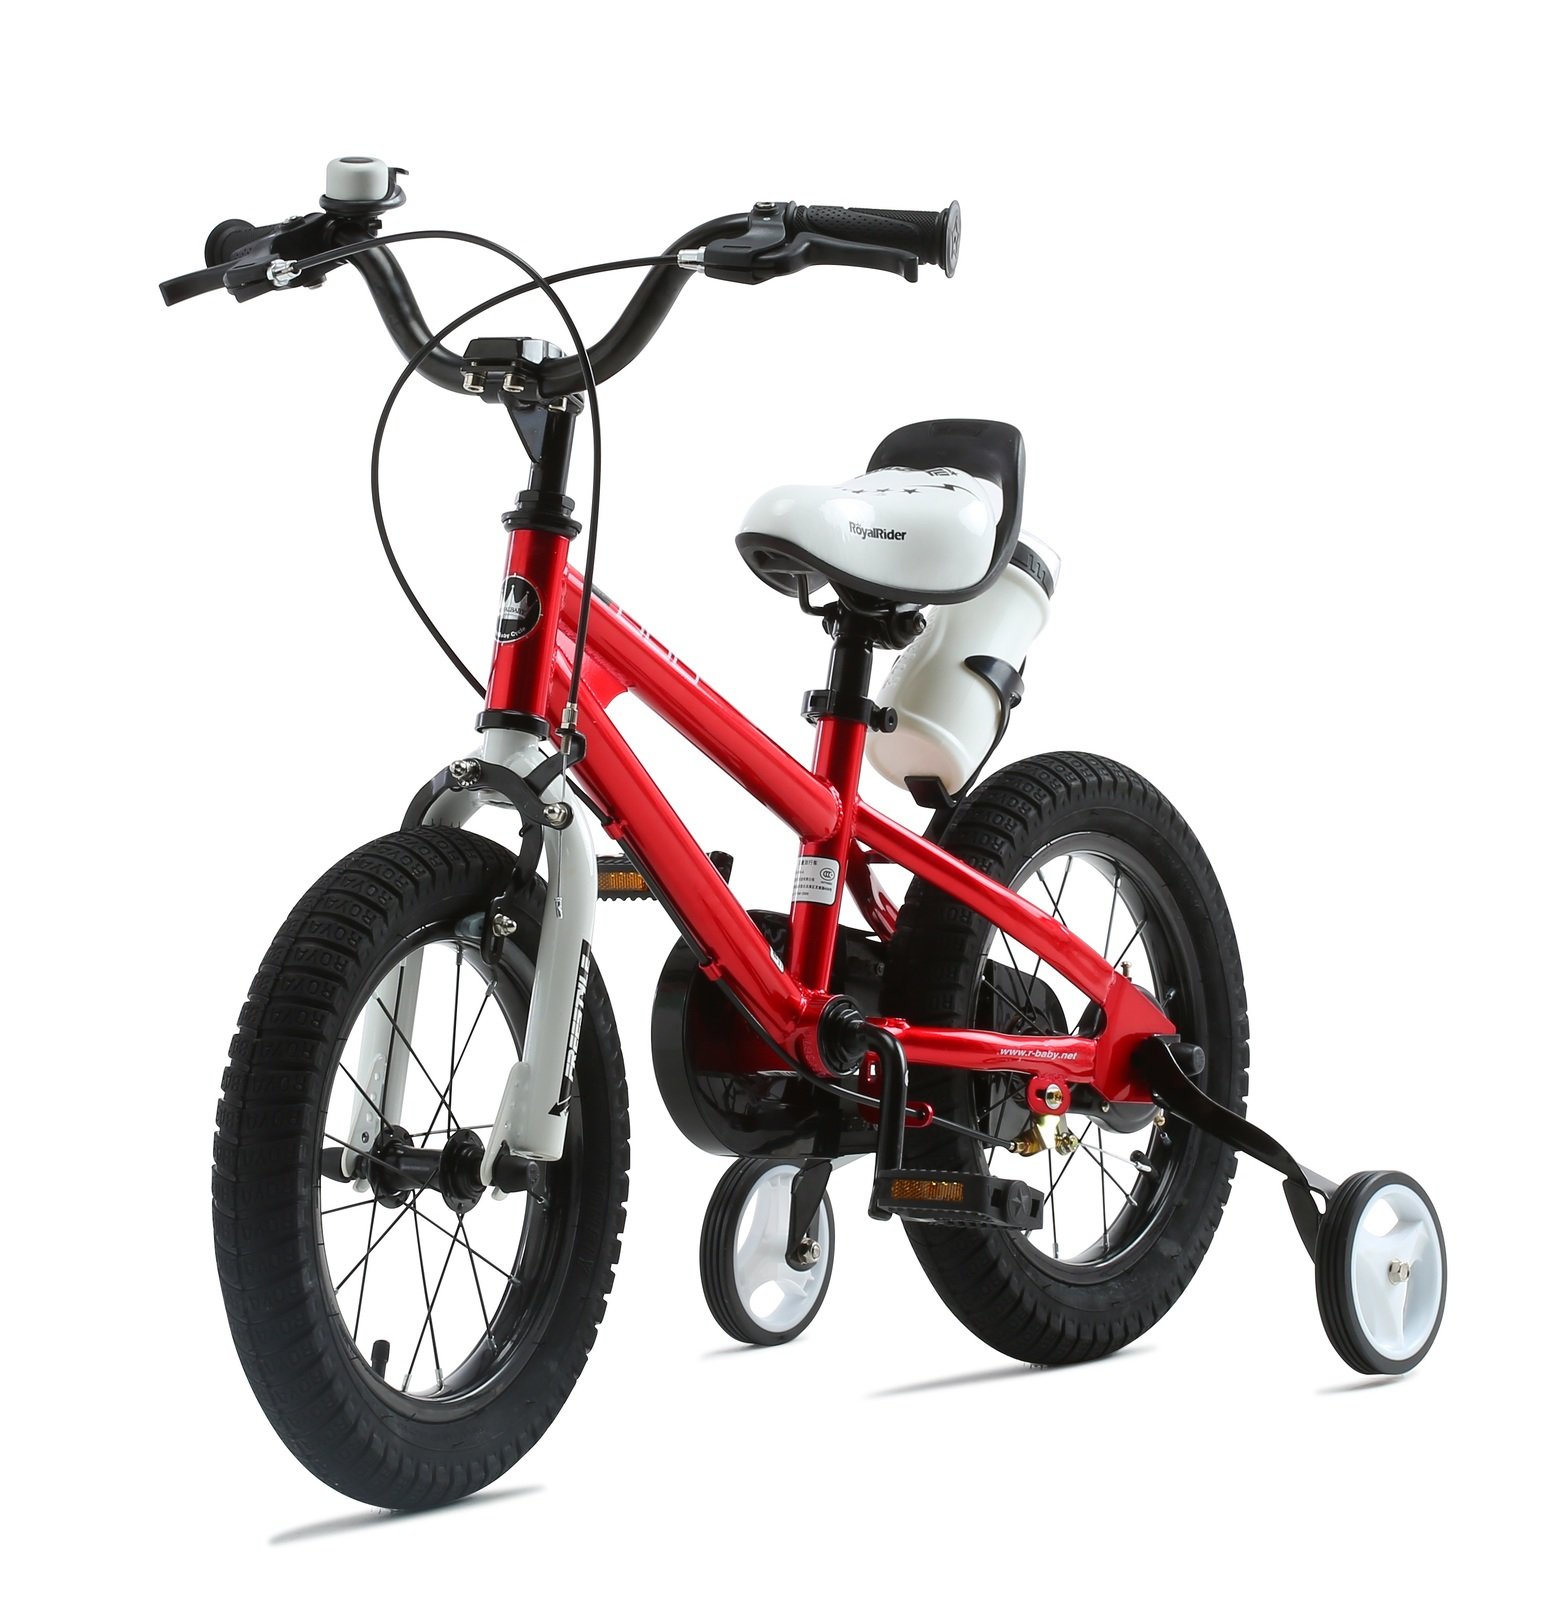 """RoyalBaby: BMX Freestyle - 12"""" Bike (Red) image"""